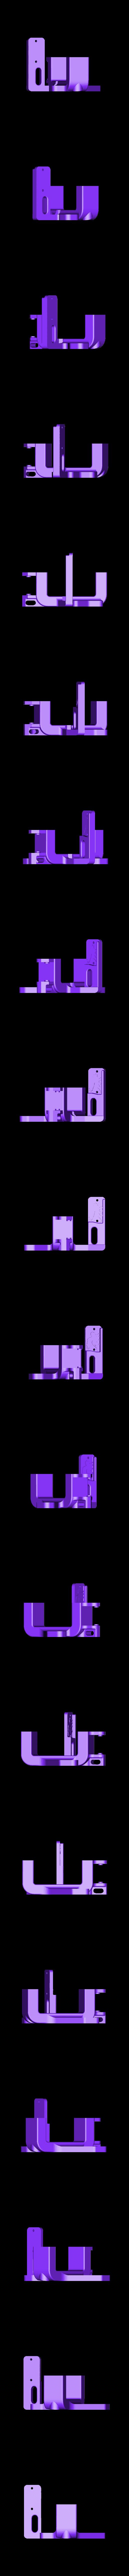 Clamp_with_Chain.STL Télécharger fichier STL gratuit Un support d'extrudeuse Stock-ish pour Anet A8 et Alike ! (Inclut la chaîne et la monture ou sans chaîne !) • Objet pour impression 3D, MorganLowe